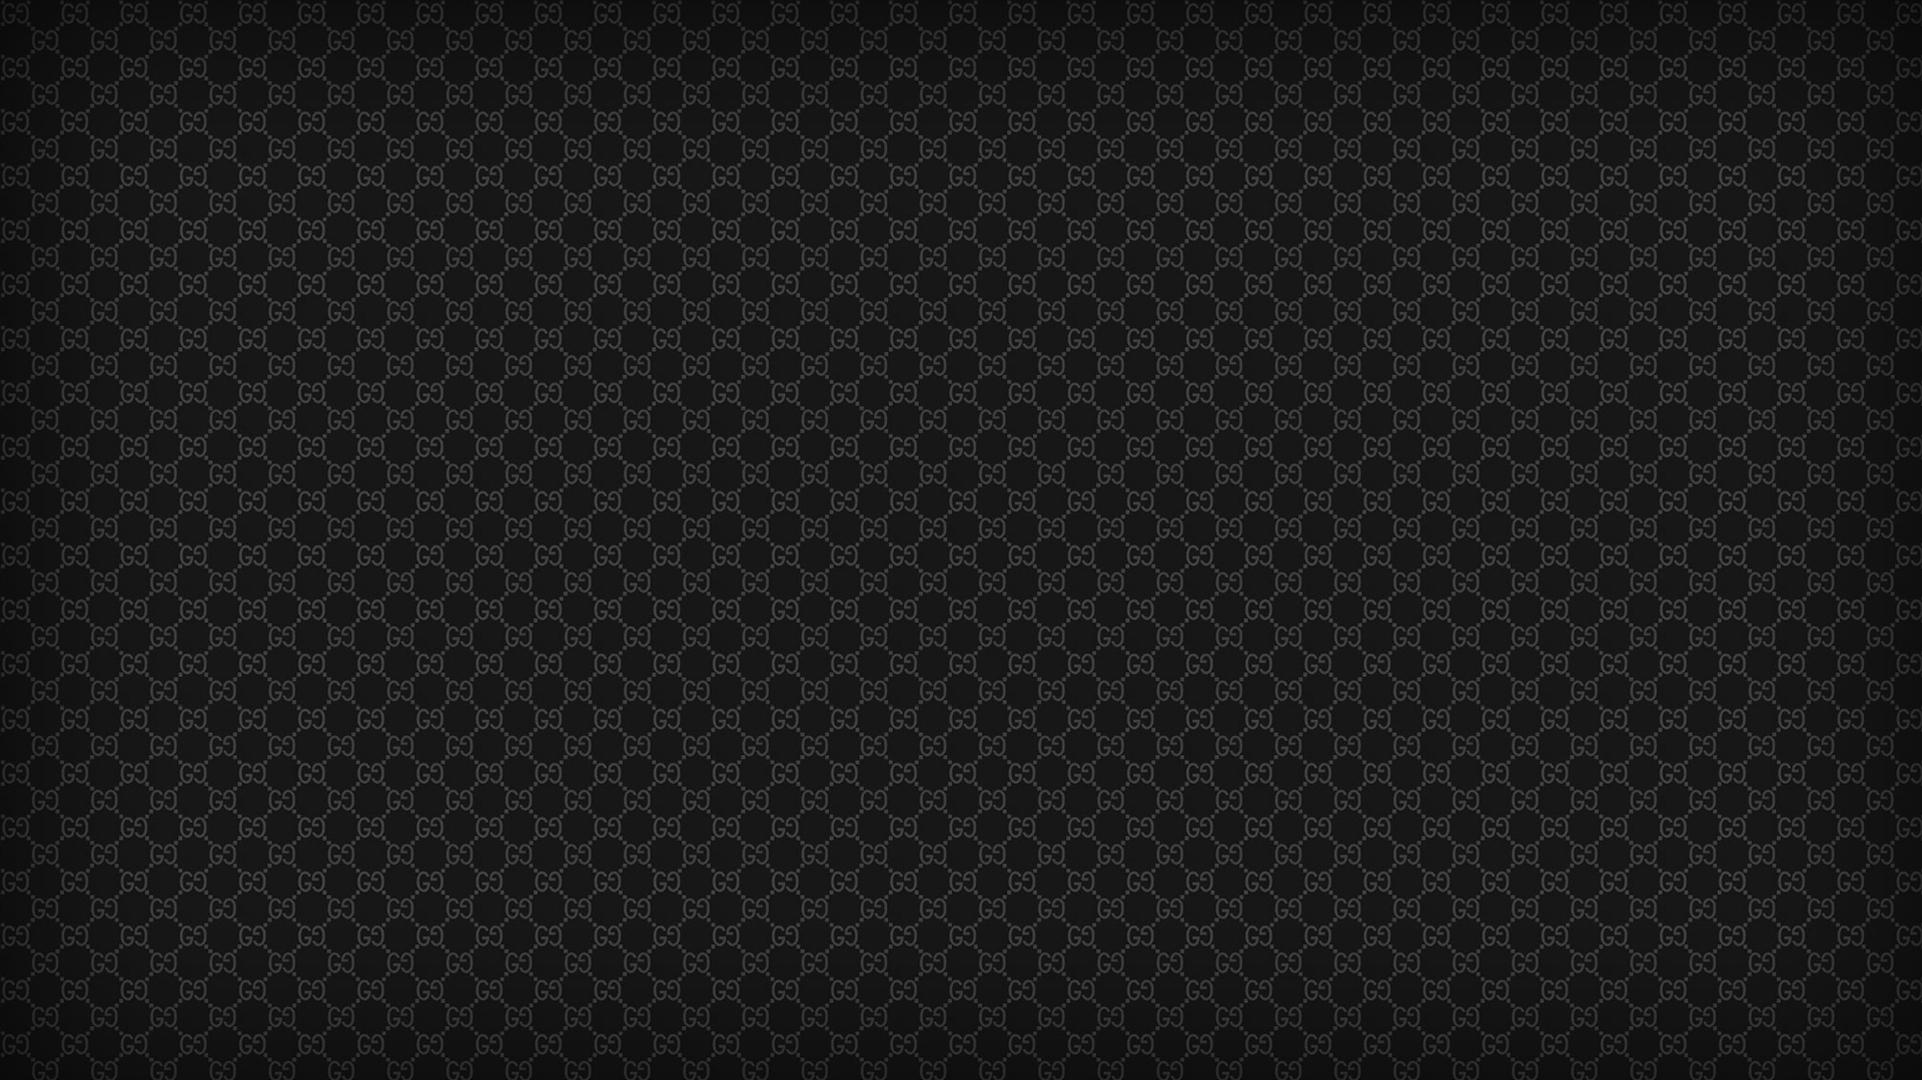 75 Full Black Wallpaper On Wallpapersafari